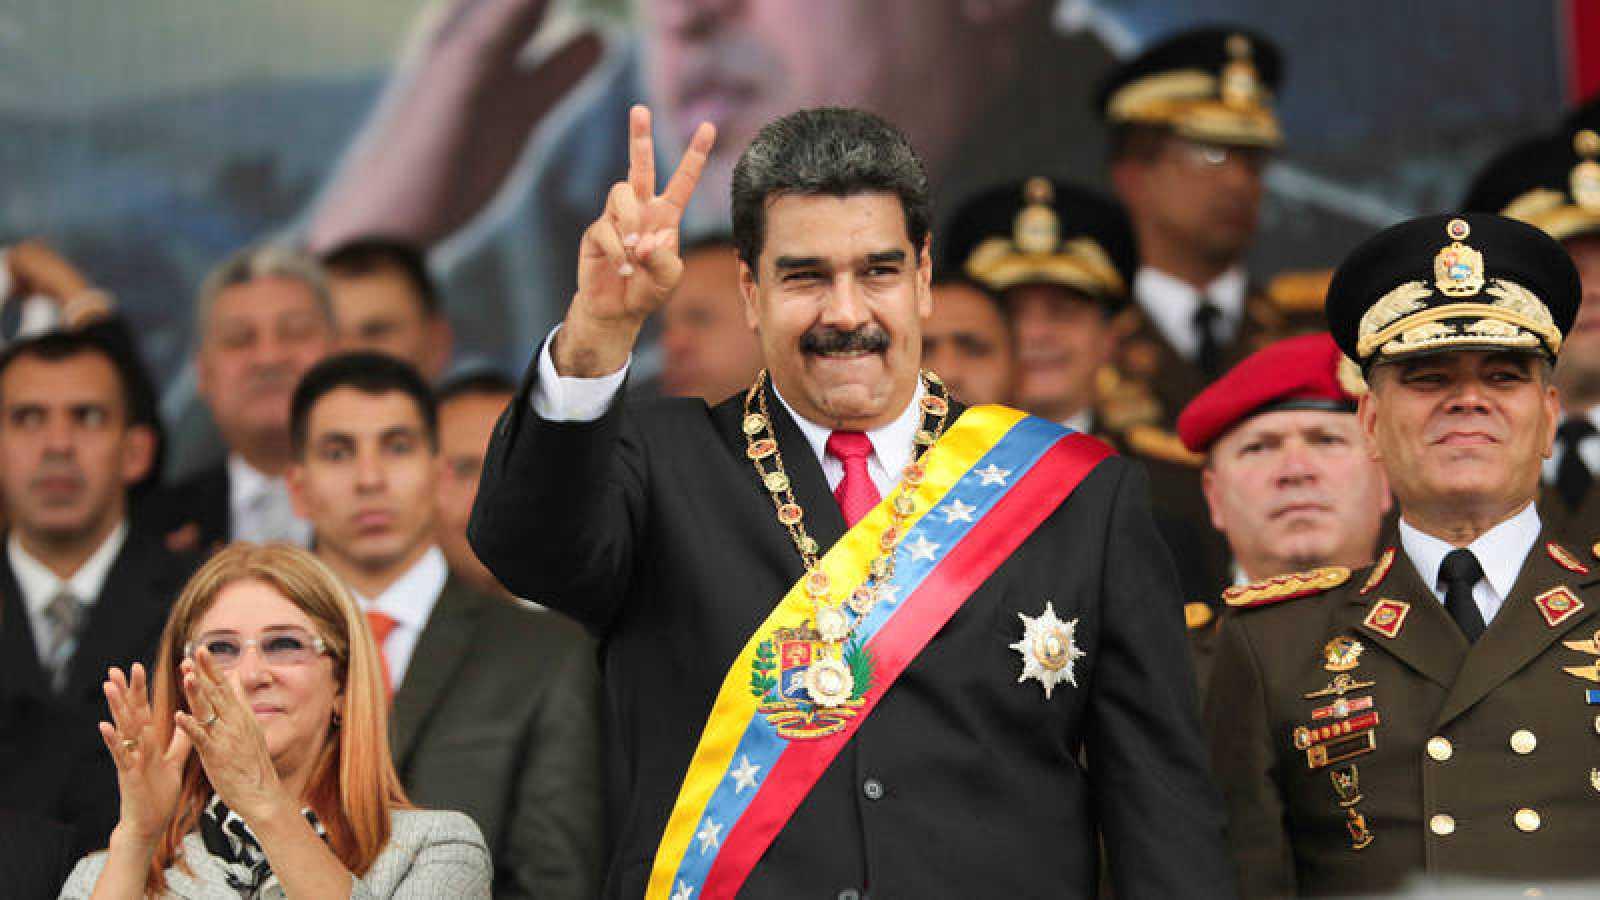 El presidente venezolano, Nicolás Maduro, durante un desfile militar el domingo